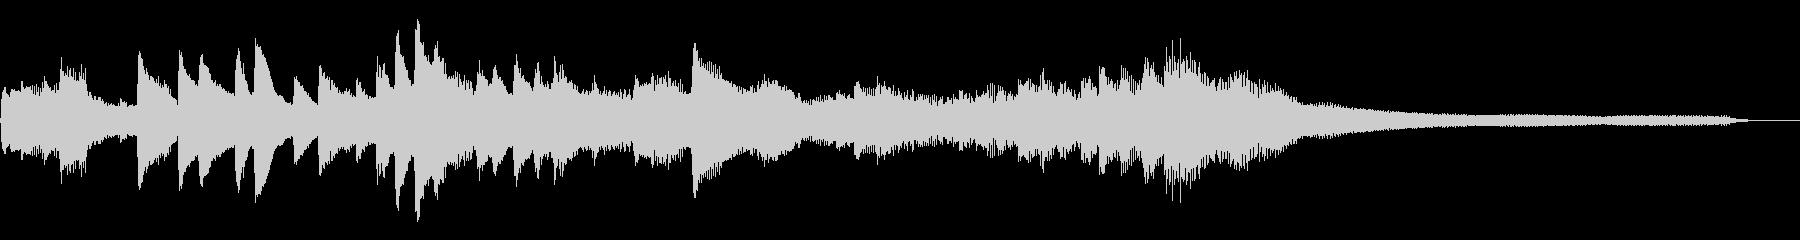 踊り子の和風ジングル23-ピアノソロの未再生の波形